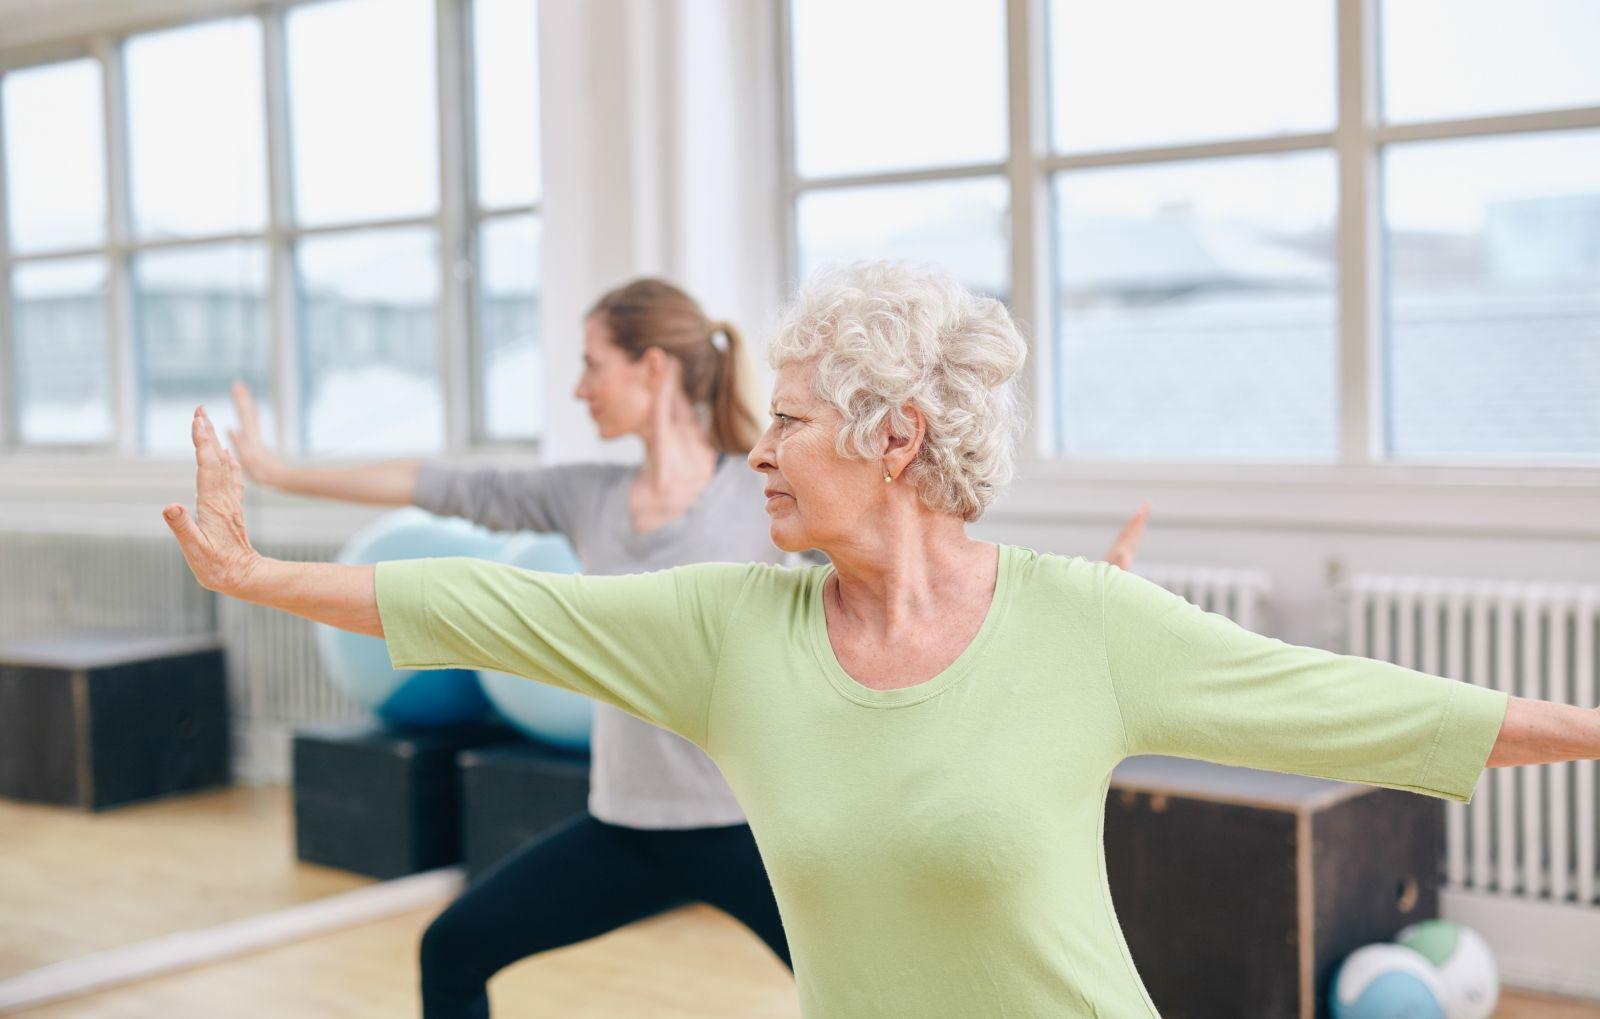 الصحة الجسدية في أسلوب حياة صحي- التمرين والنشاط البدني